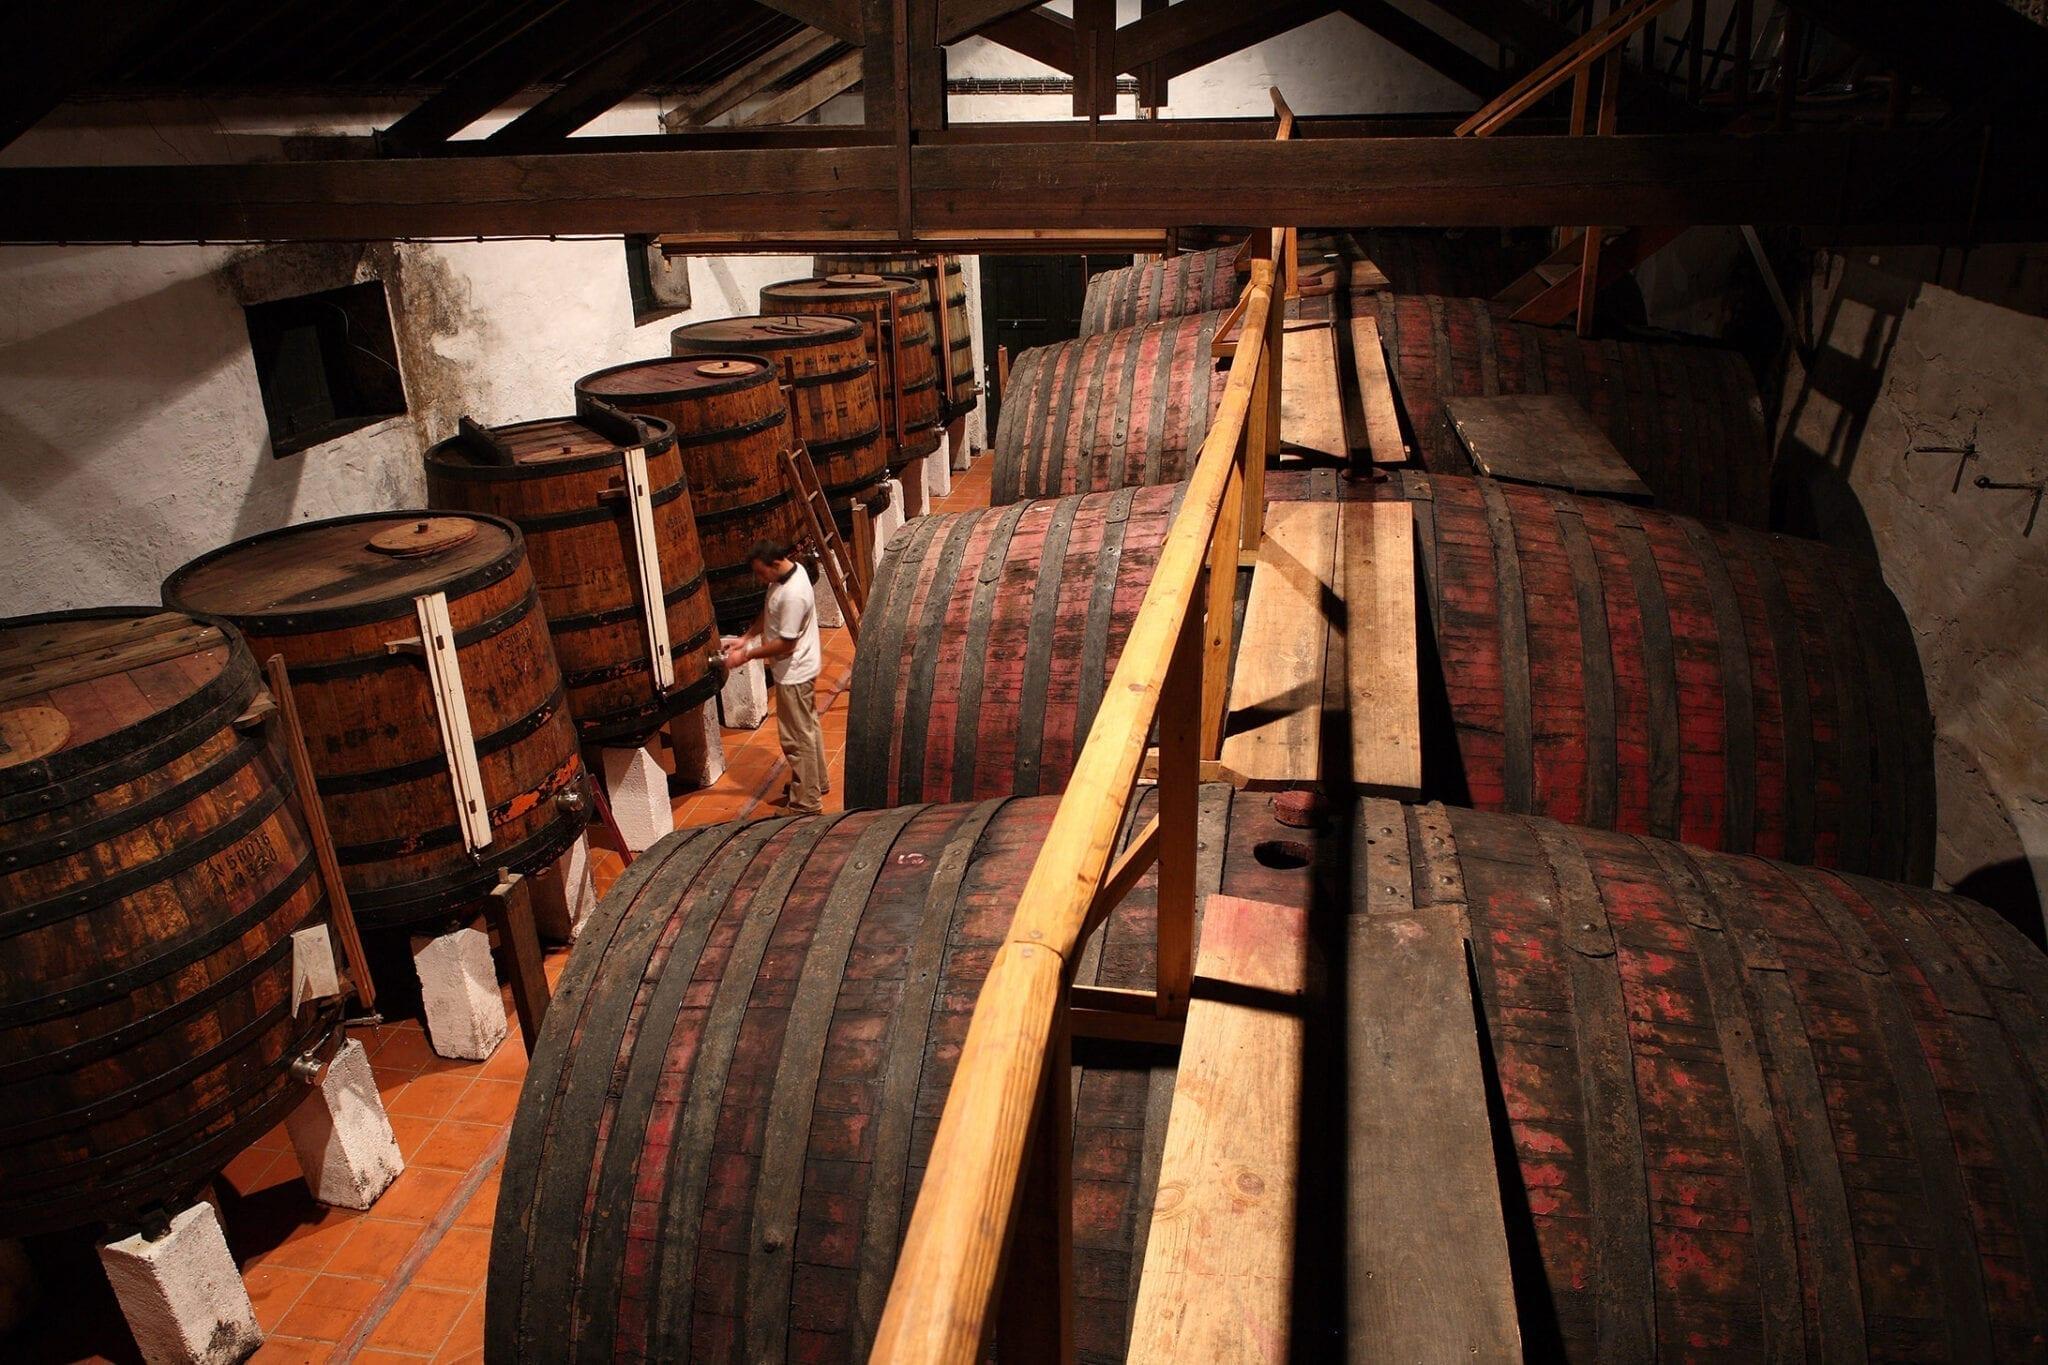 Taylor Fladgate, port wine, portugal, barrels, Vargellas